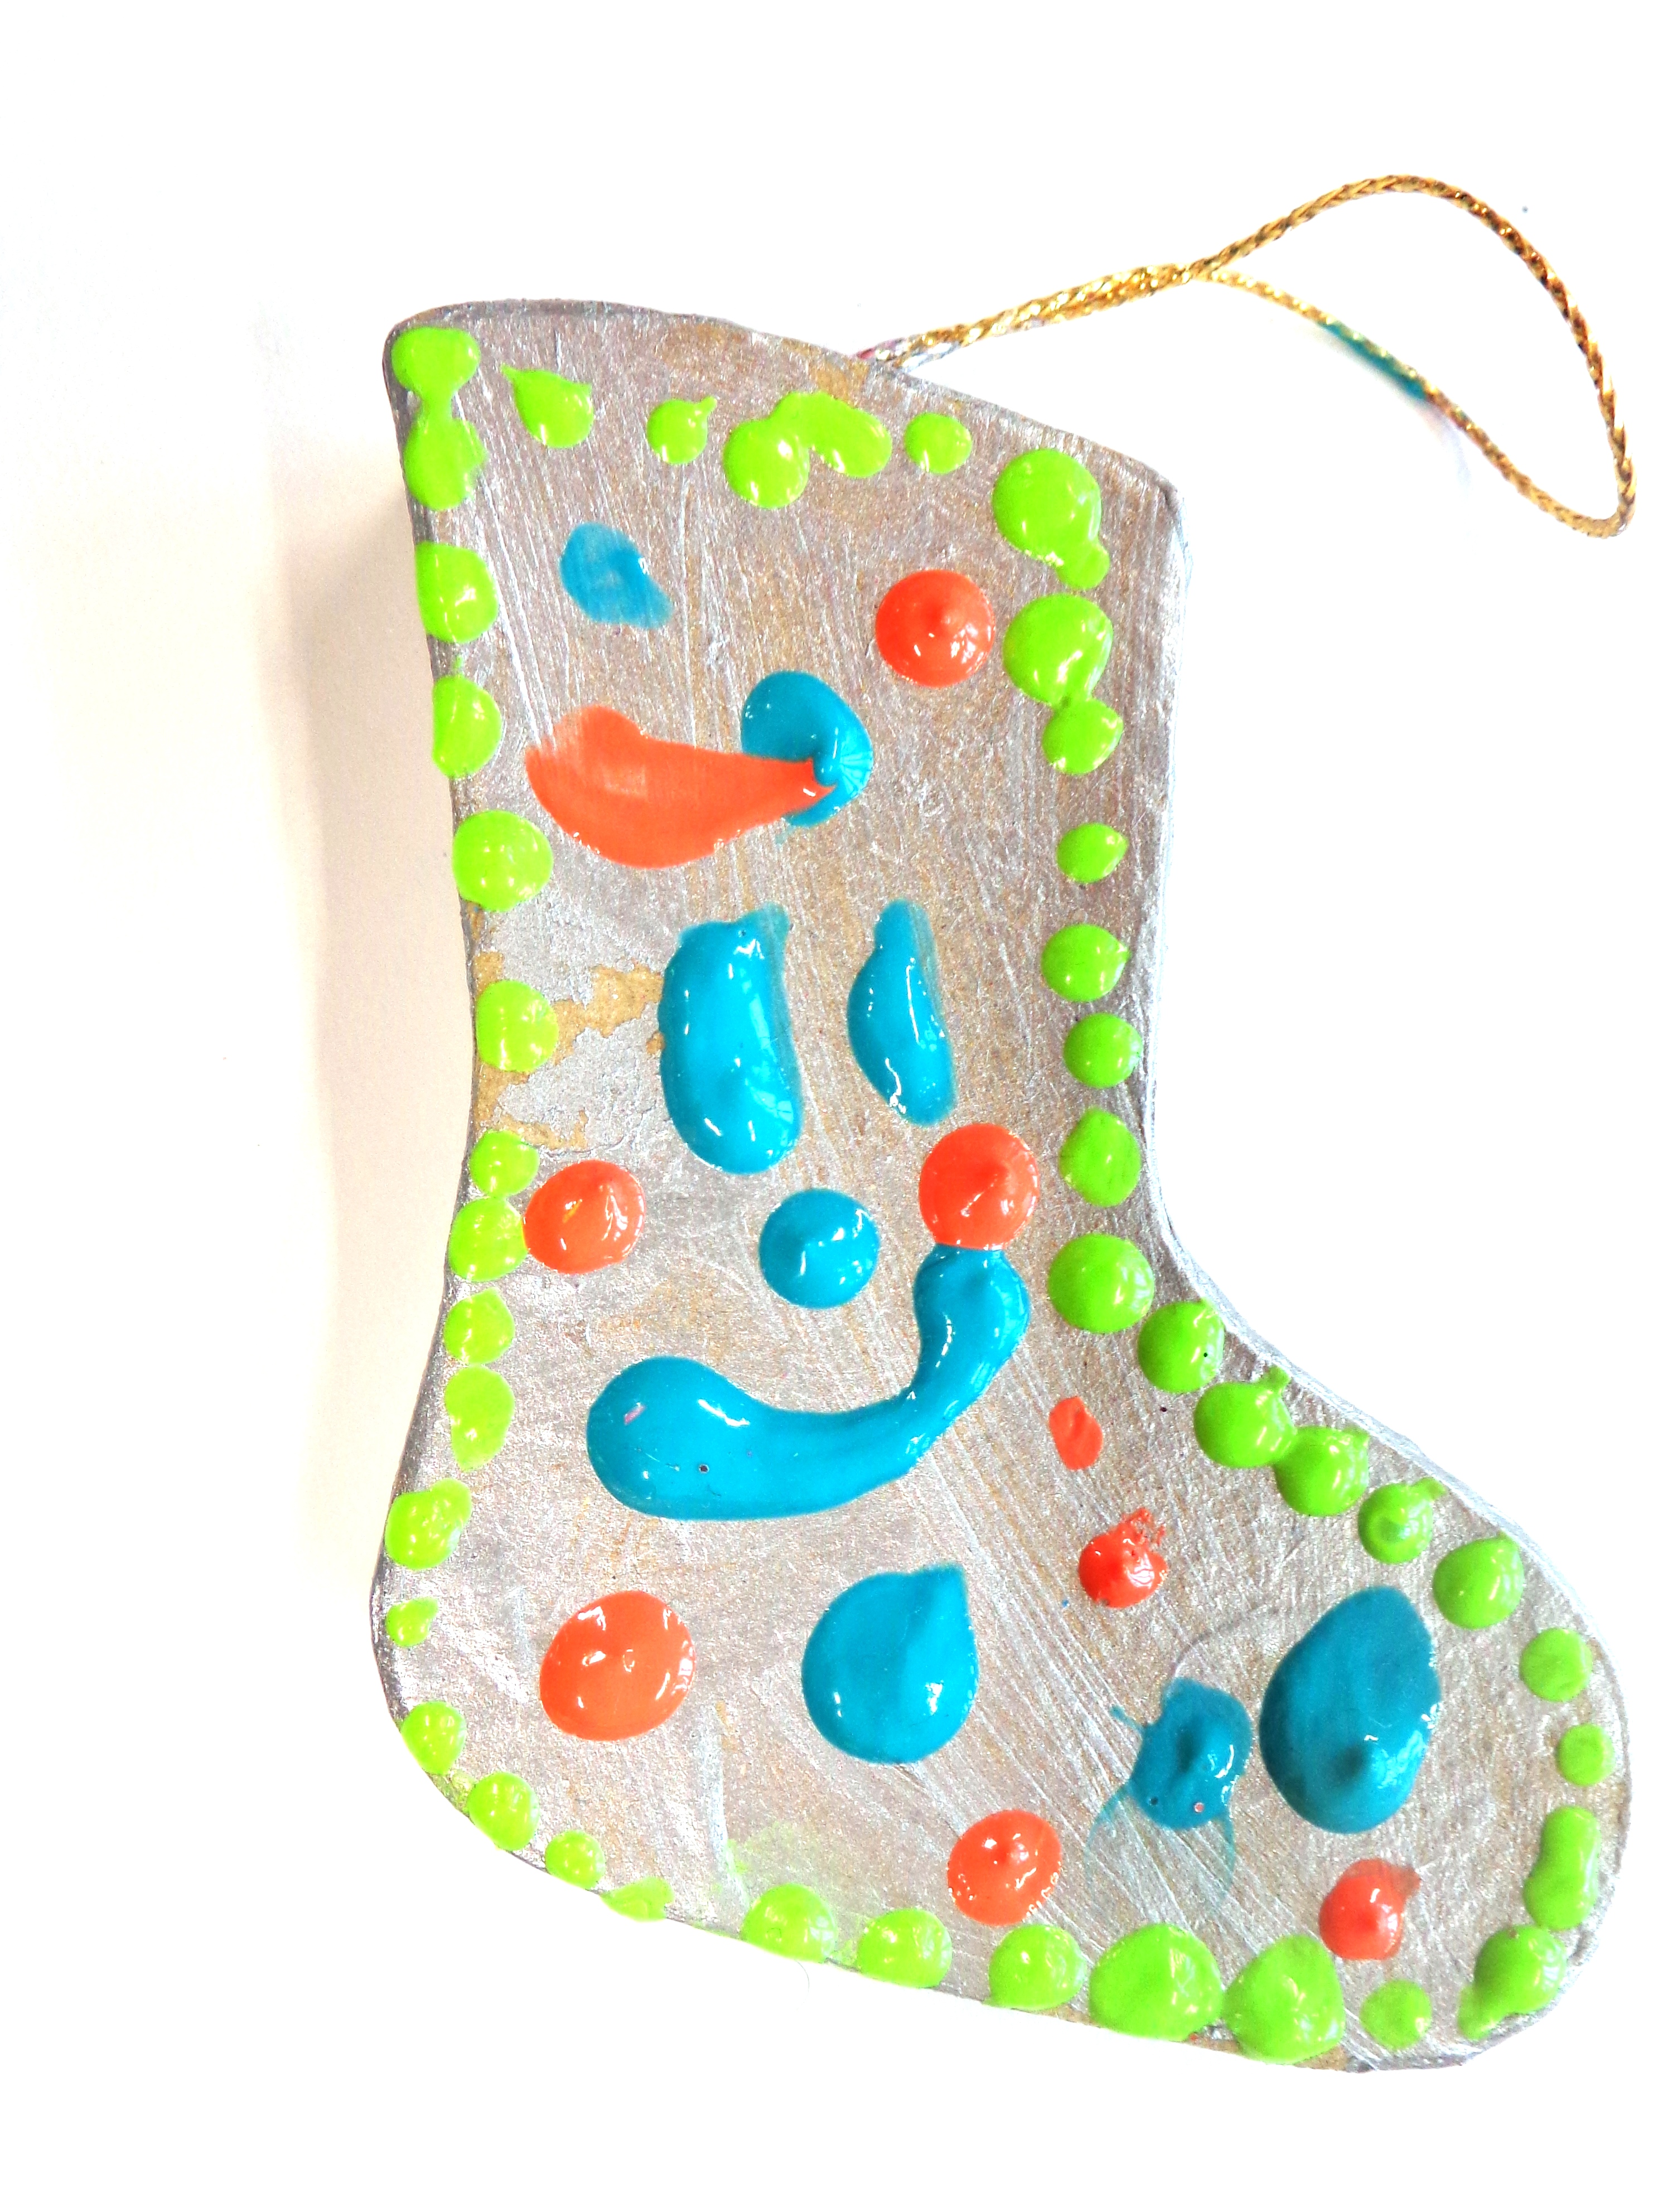 #88C902 Idées D'objets à Réaliser Pour Faire Un Marché De Noël En  5763 idées décoration noel maternelle 2982x3967 px @ aertt.com